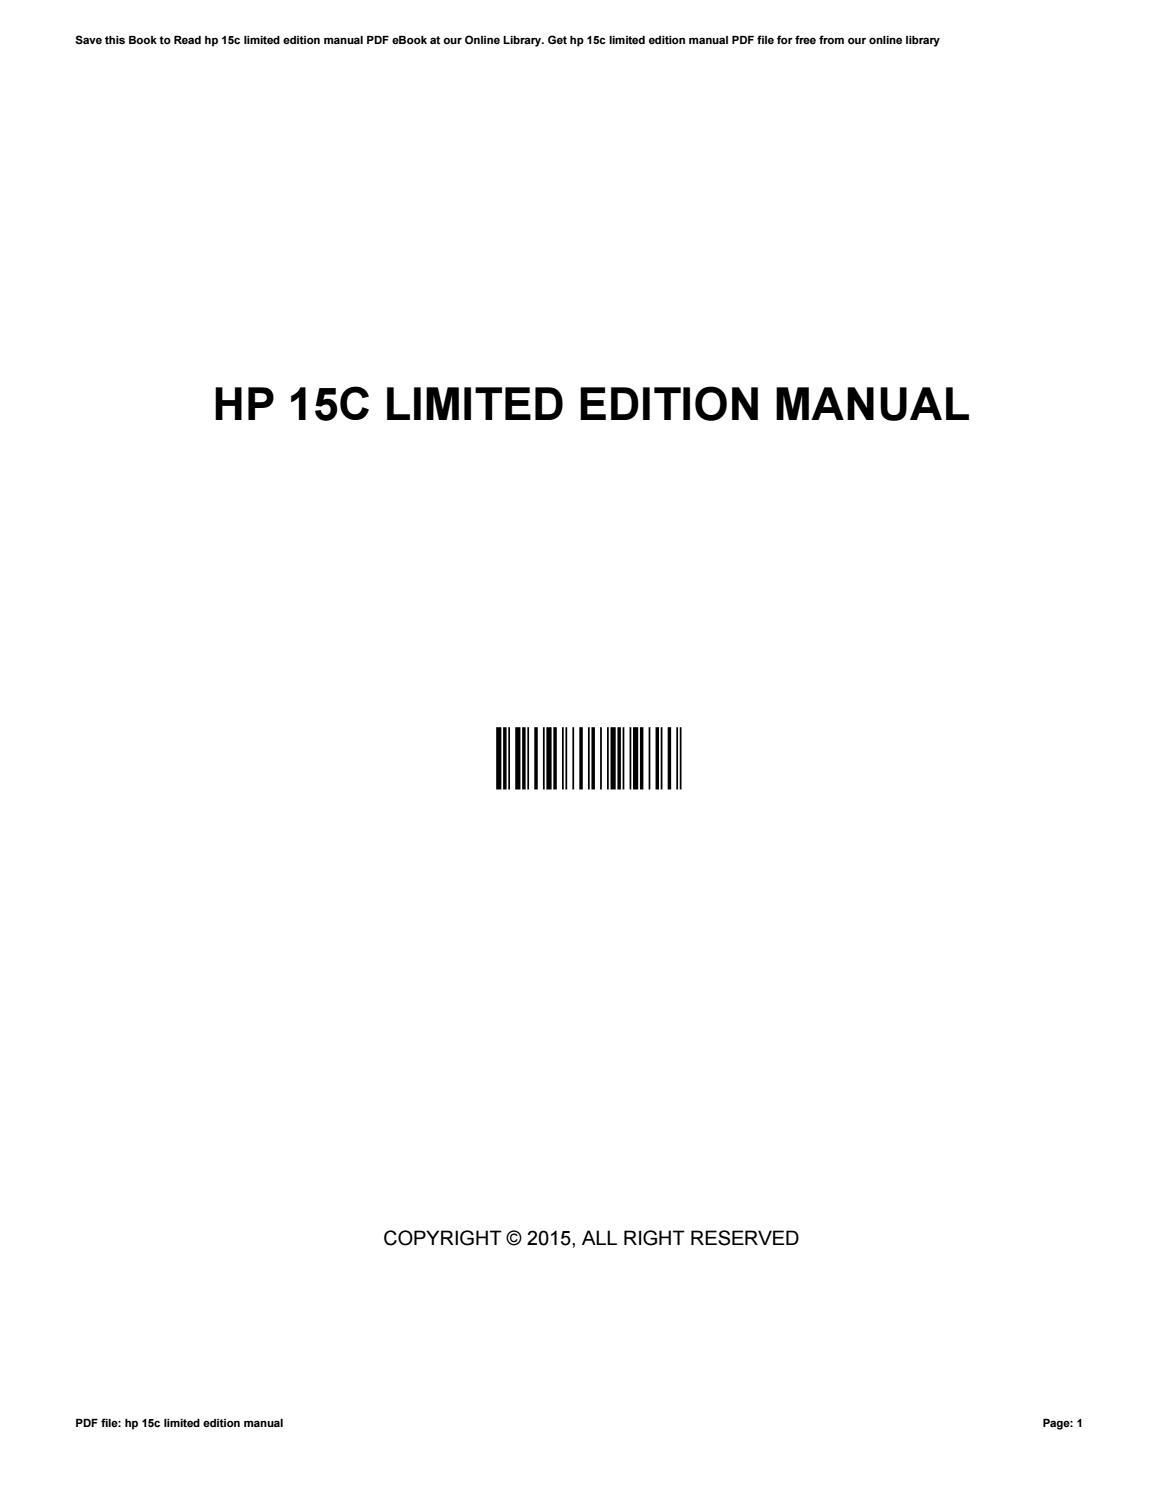 ... Array - hp 15c limited edition manual by furusato8 issuu rh issuu ...